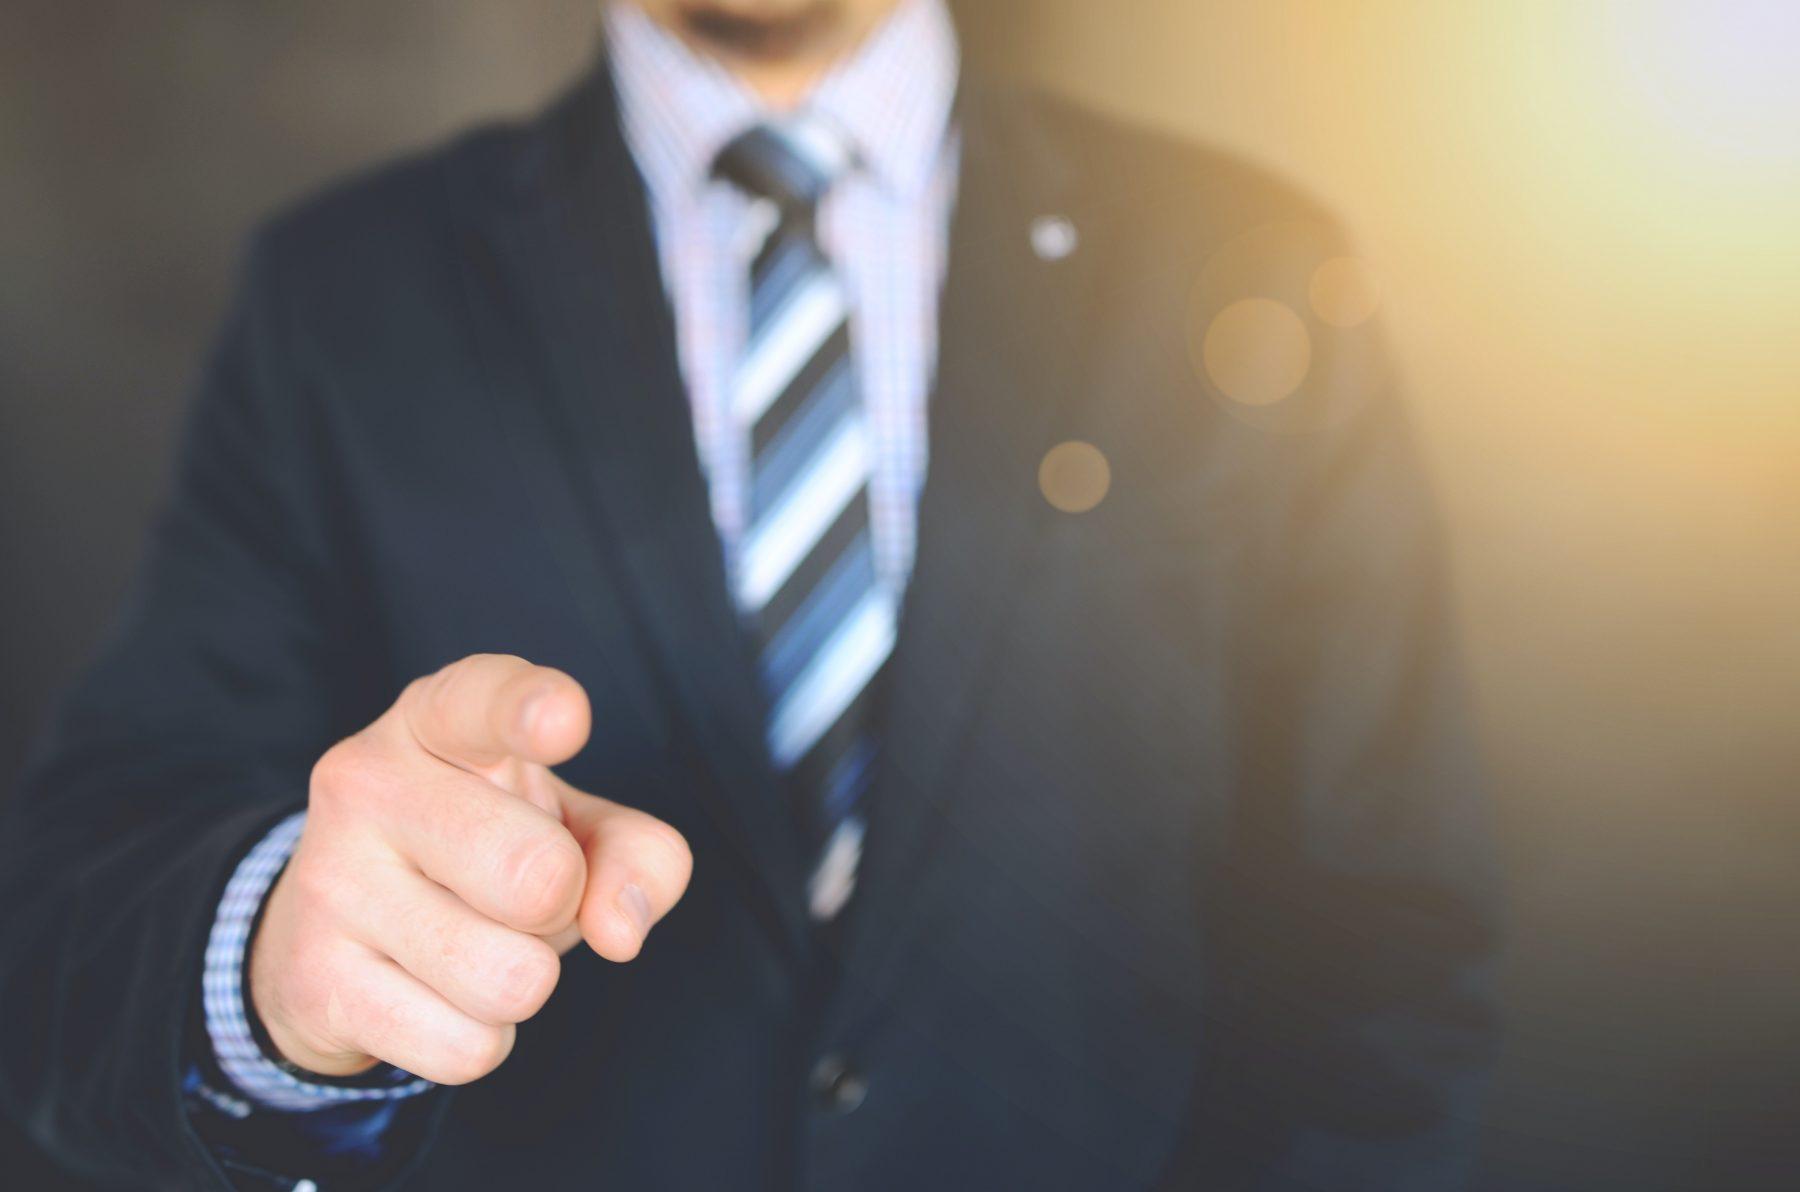 leader vs boss pointing a finger